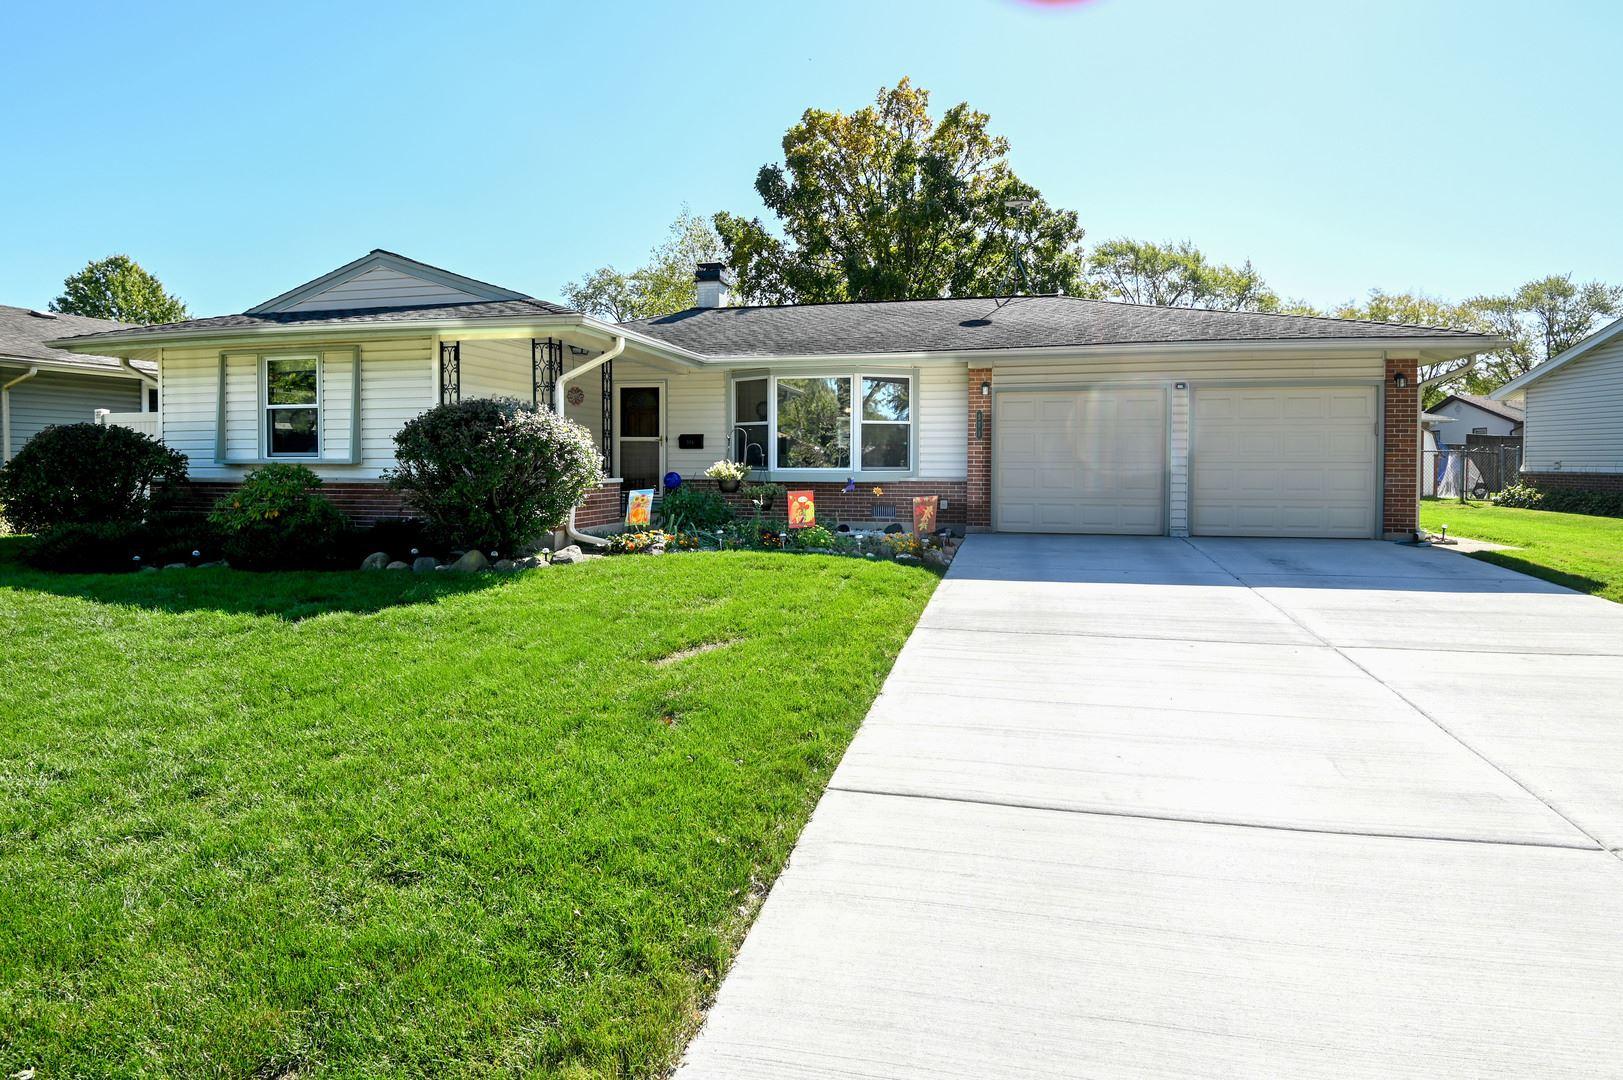 571 Clearmont Drive, Elk Grove Village, IL 60007 - #: 10896112